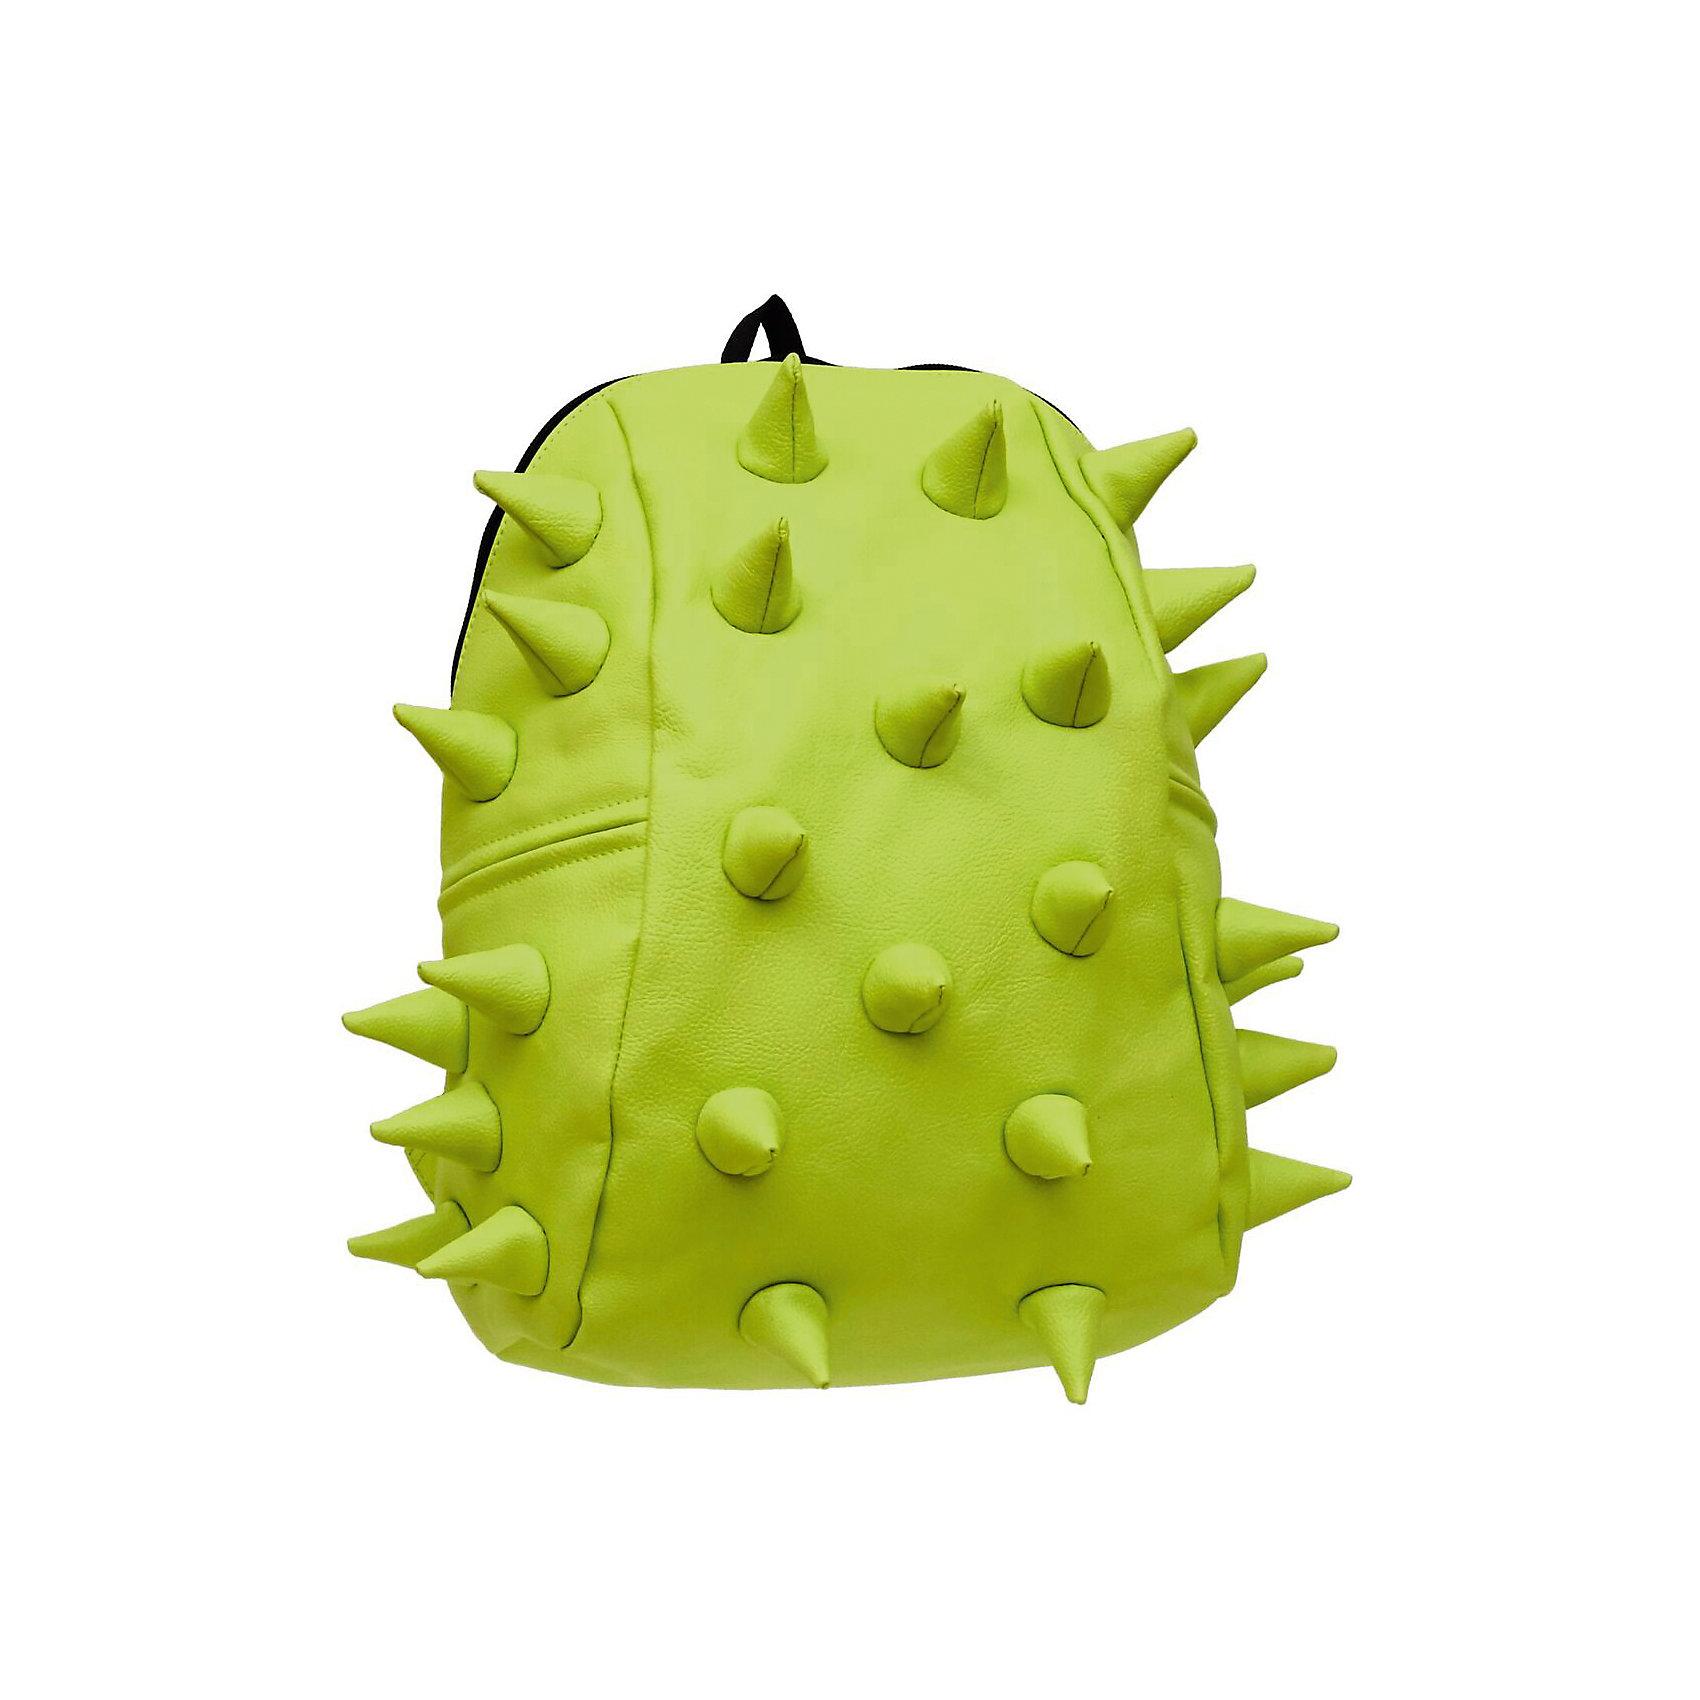 Рюкзак Rex 2 Half, цвет лаймРюкзаки<br>Характеристики товара:<br><br>• цвет: лайм / зеленый;<br>• возраст: от 3 лет;<br>• вес: 0,6 кг;<br>• размер: 36х30х15 см;<br>• особенности модели: с пузырями;<br>• основное отделение на молнии;<br>• в основное отделение с легкостью входит ноутбук размером диагонали 13 дюймов, iPad и формат А4;<br>• мягкие регулируемые по высоте лямки;<br>• ортопедическую спинка;<br>• два дополнительных боковых кармана на молнии;<br>• материал: полиуретан;<br>• страна бренда: США;<br>• страна изготовитель: Китай.<br><br>Удобный и стильный рюкзак «Rex 2 Half» из огромной коллекции рюкзаков Madpax непременно понравится школьникам. Стильный шипованный дизайн и яркость цвета выделяют рюкзак среди остальных моделей. <br><br>Мягкие ремни регулируются в зависимости от роста ребенка, проветриваемая спинка и дополнительные карманы делают рюкзак максимально комфортным.<br><br>Материал не требует особого ухода, достаточно лишь протереть его влажной губкой, чтобы удалить загрязнение.<br><br>Рюкзак «Rex 2 Half» можно купить в нашем интернет-магазине.<br><br>Ширина мм: 360<br>Глубина мм: 310<br>Высота мм: 150<br>Вес г: 600<br>Возраст от месяцев: 36<br>Возраст до месяцев: 720<br>Пол: Унисекс<br>Возраст: Детский<br>SKU: 7054065